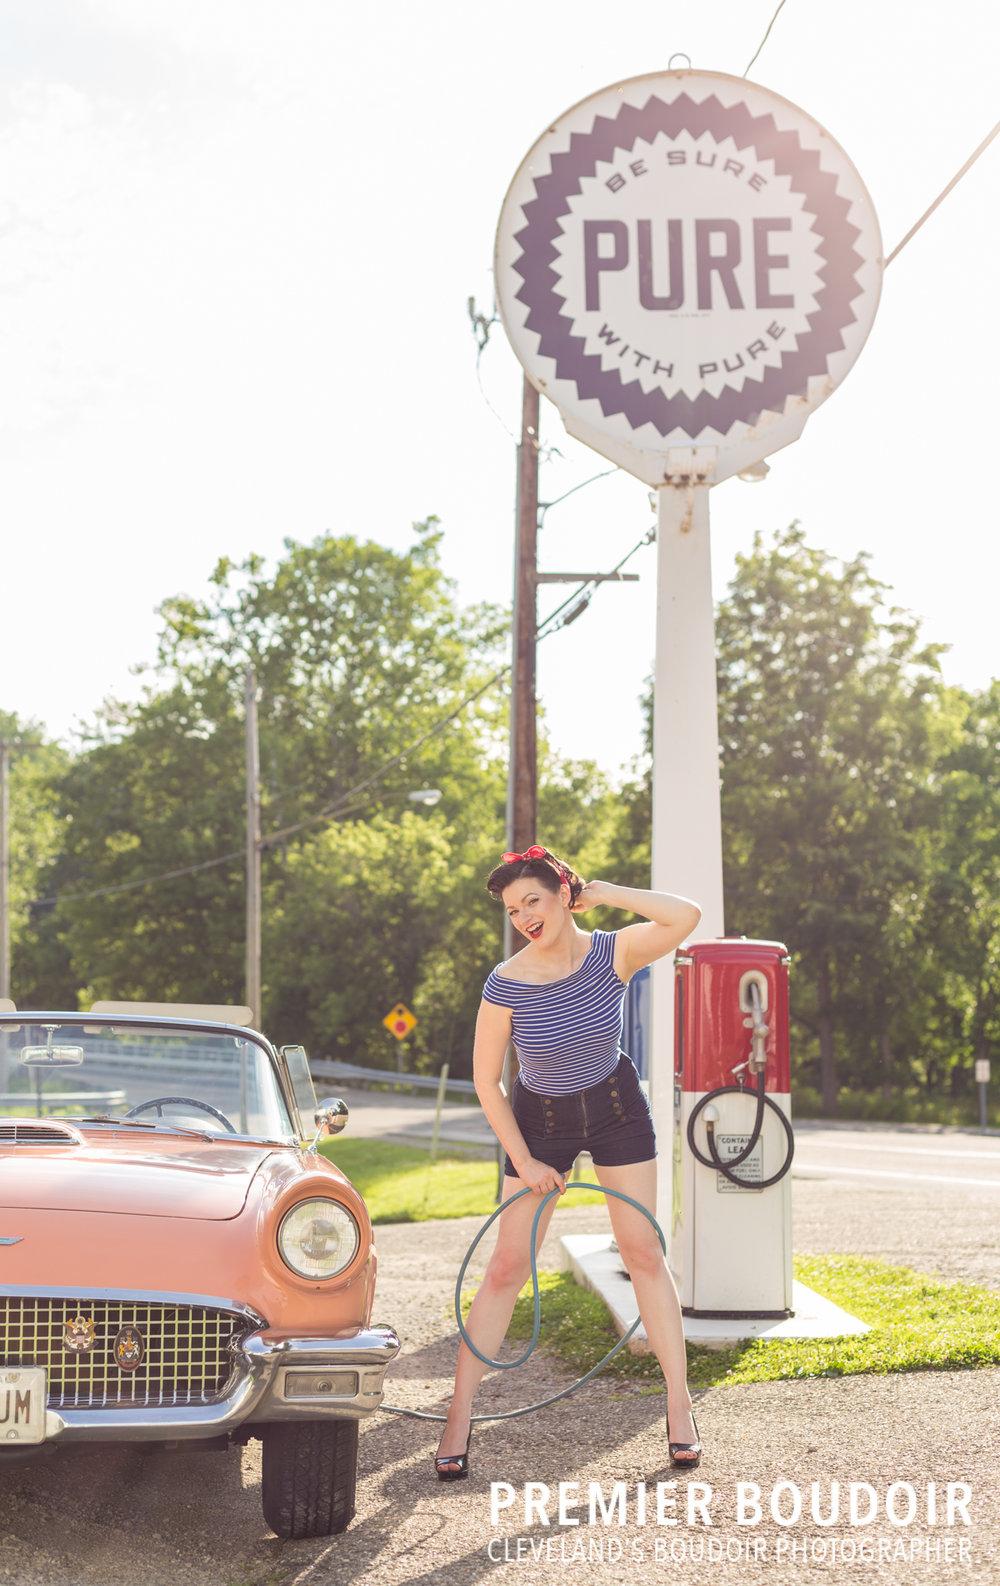 Cleveland + Akron Pinup Boudoir Vintage Retro Photoshoot